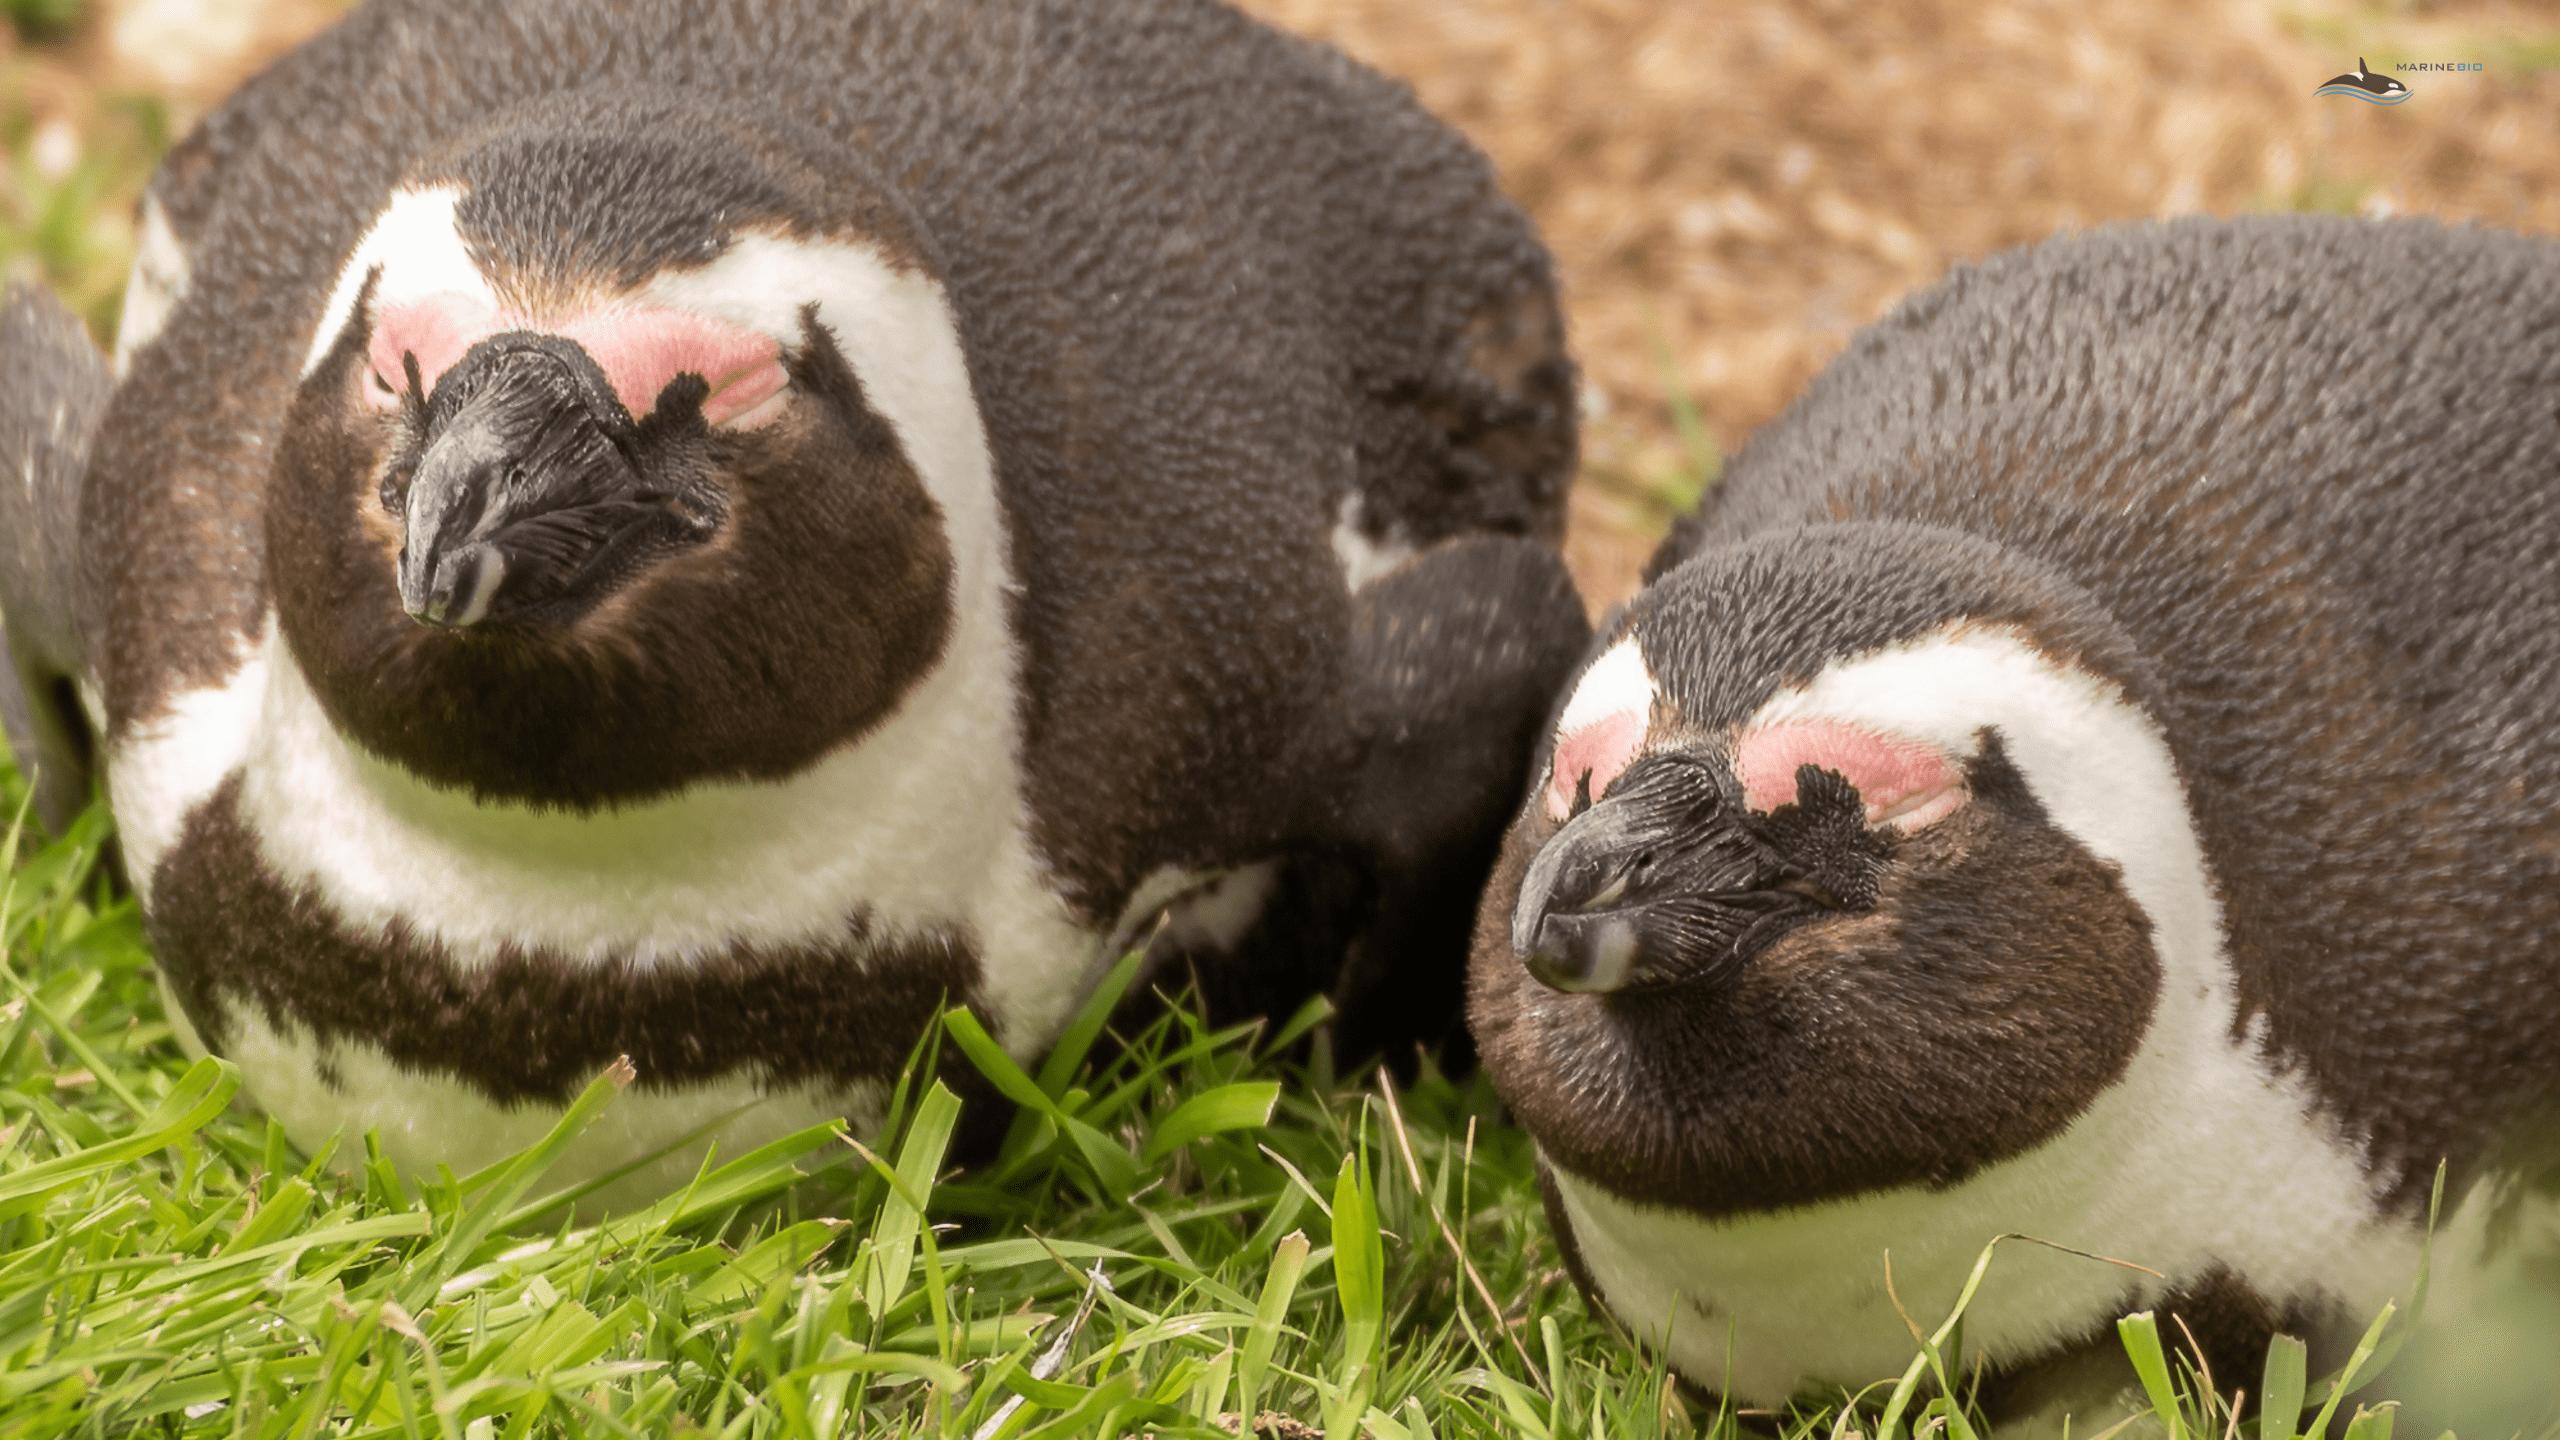 MB-penguins-wallpaper1